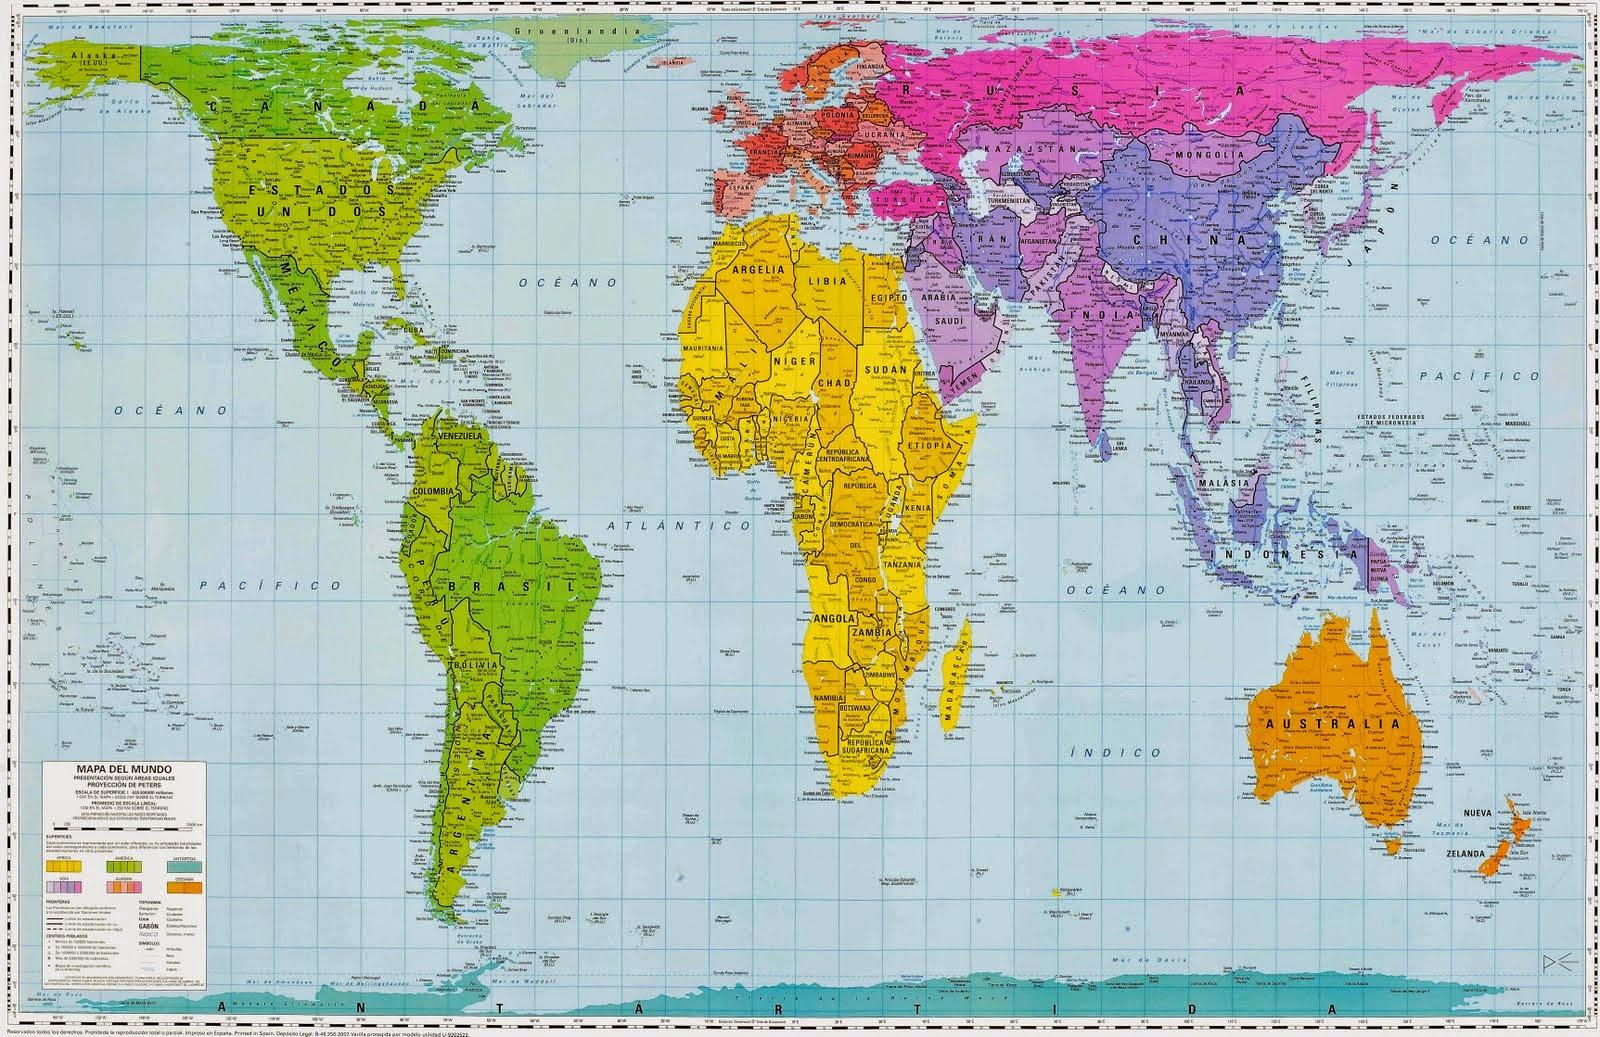 http://actualidad.rt.com/sociedad/163130-mapas-representan-mundo-diferentes-reves#.VLYfEzAhzcg.facebook